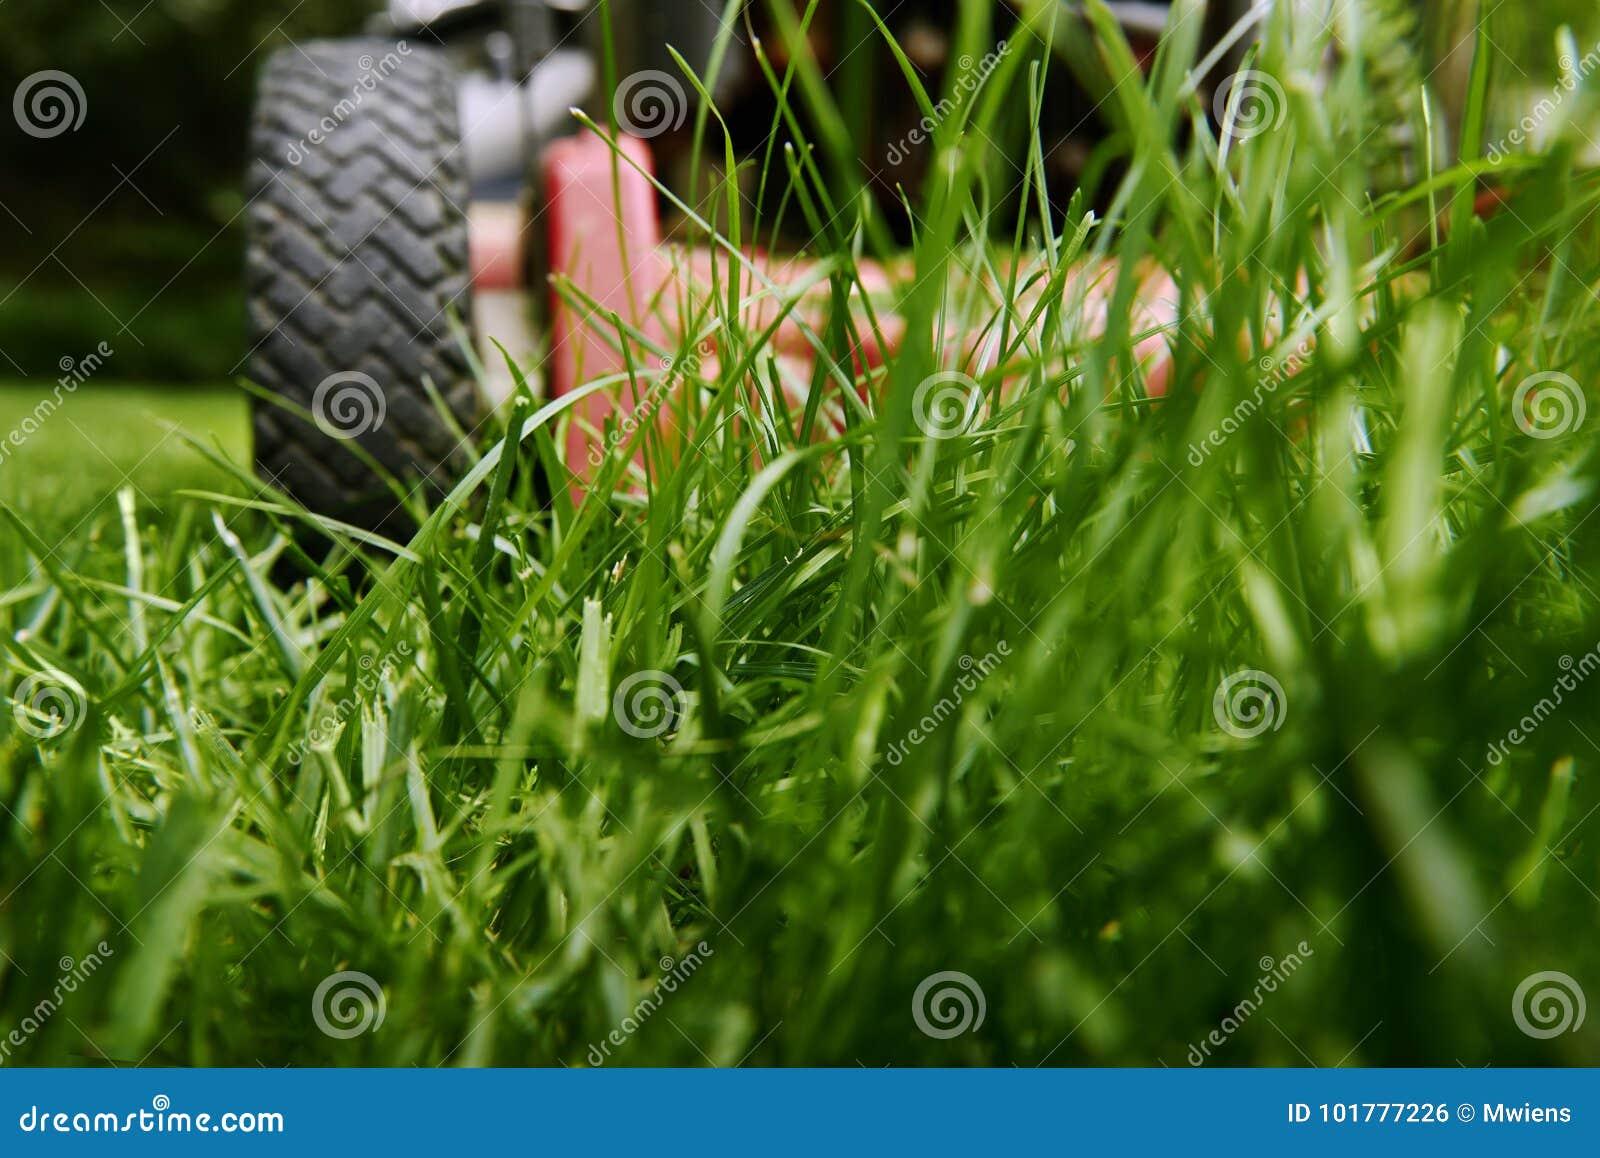 Siegue el ángulo bajo del césped de la hierba del corte del cortacésped